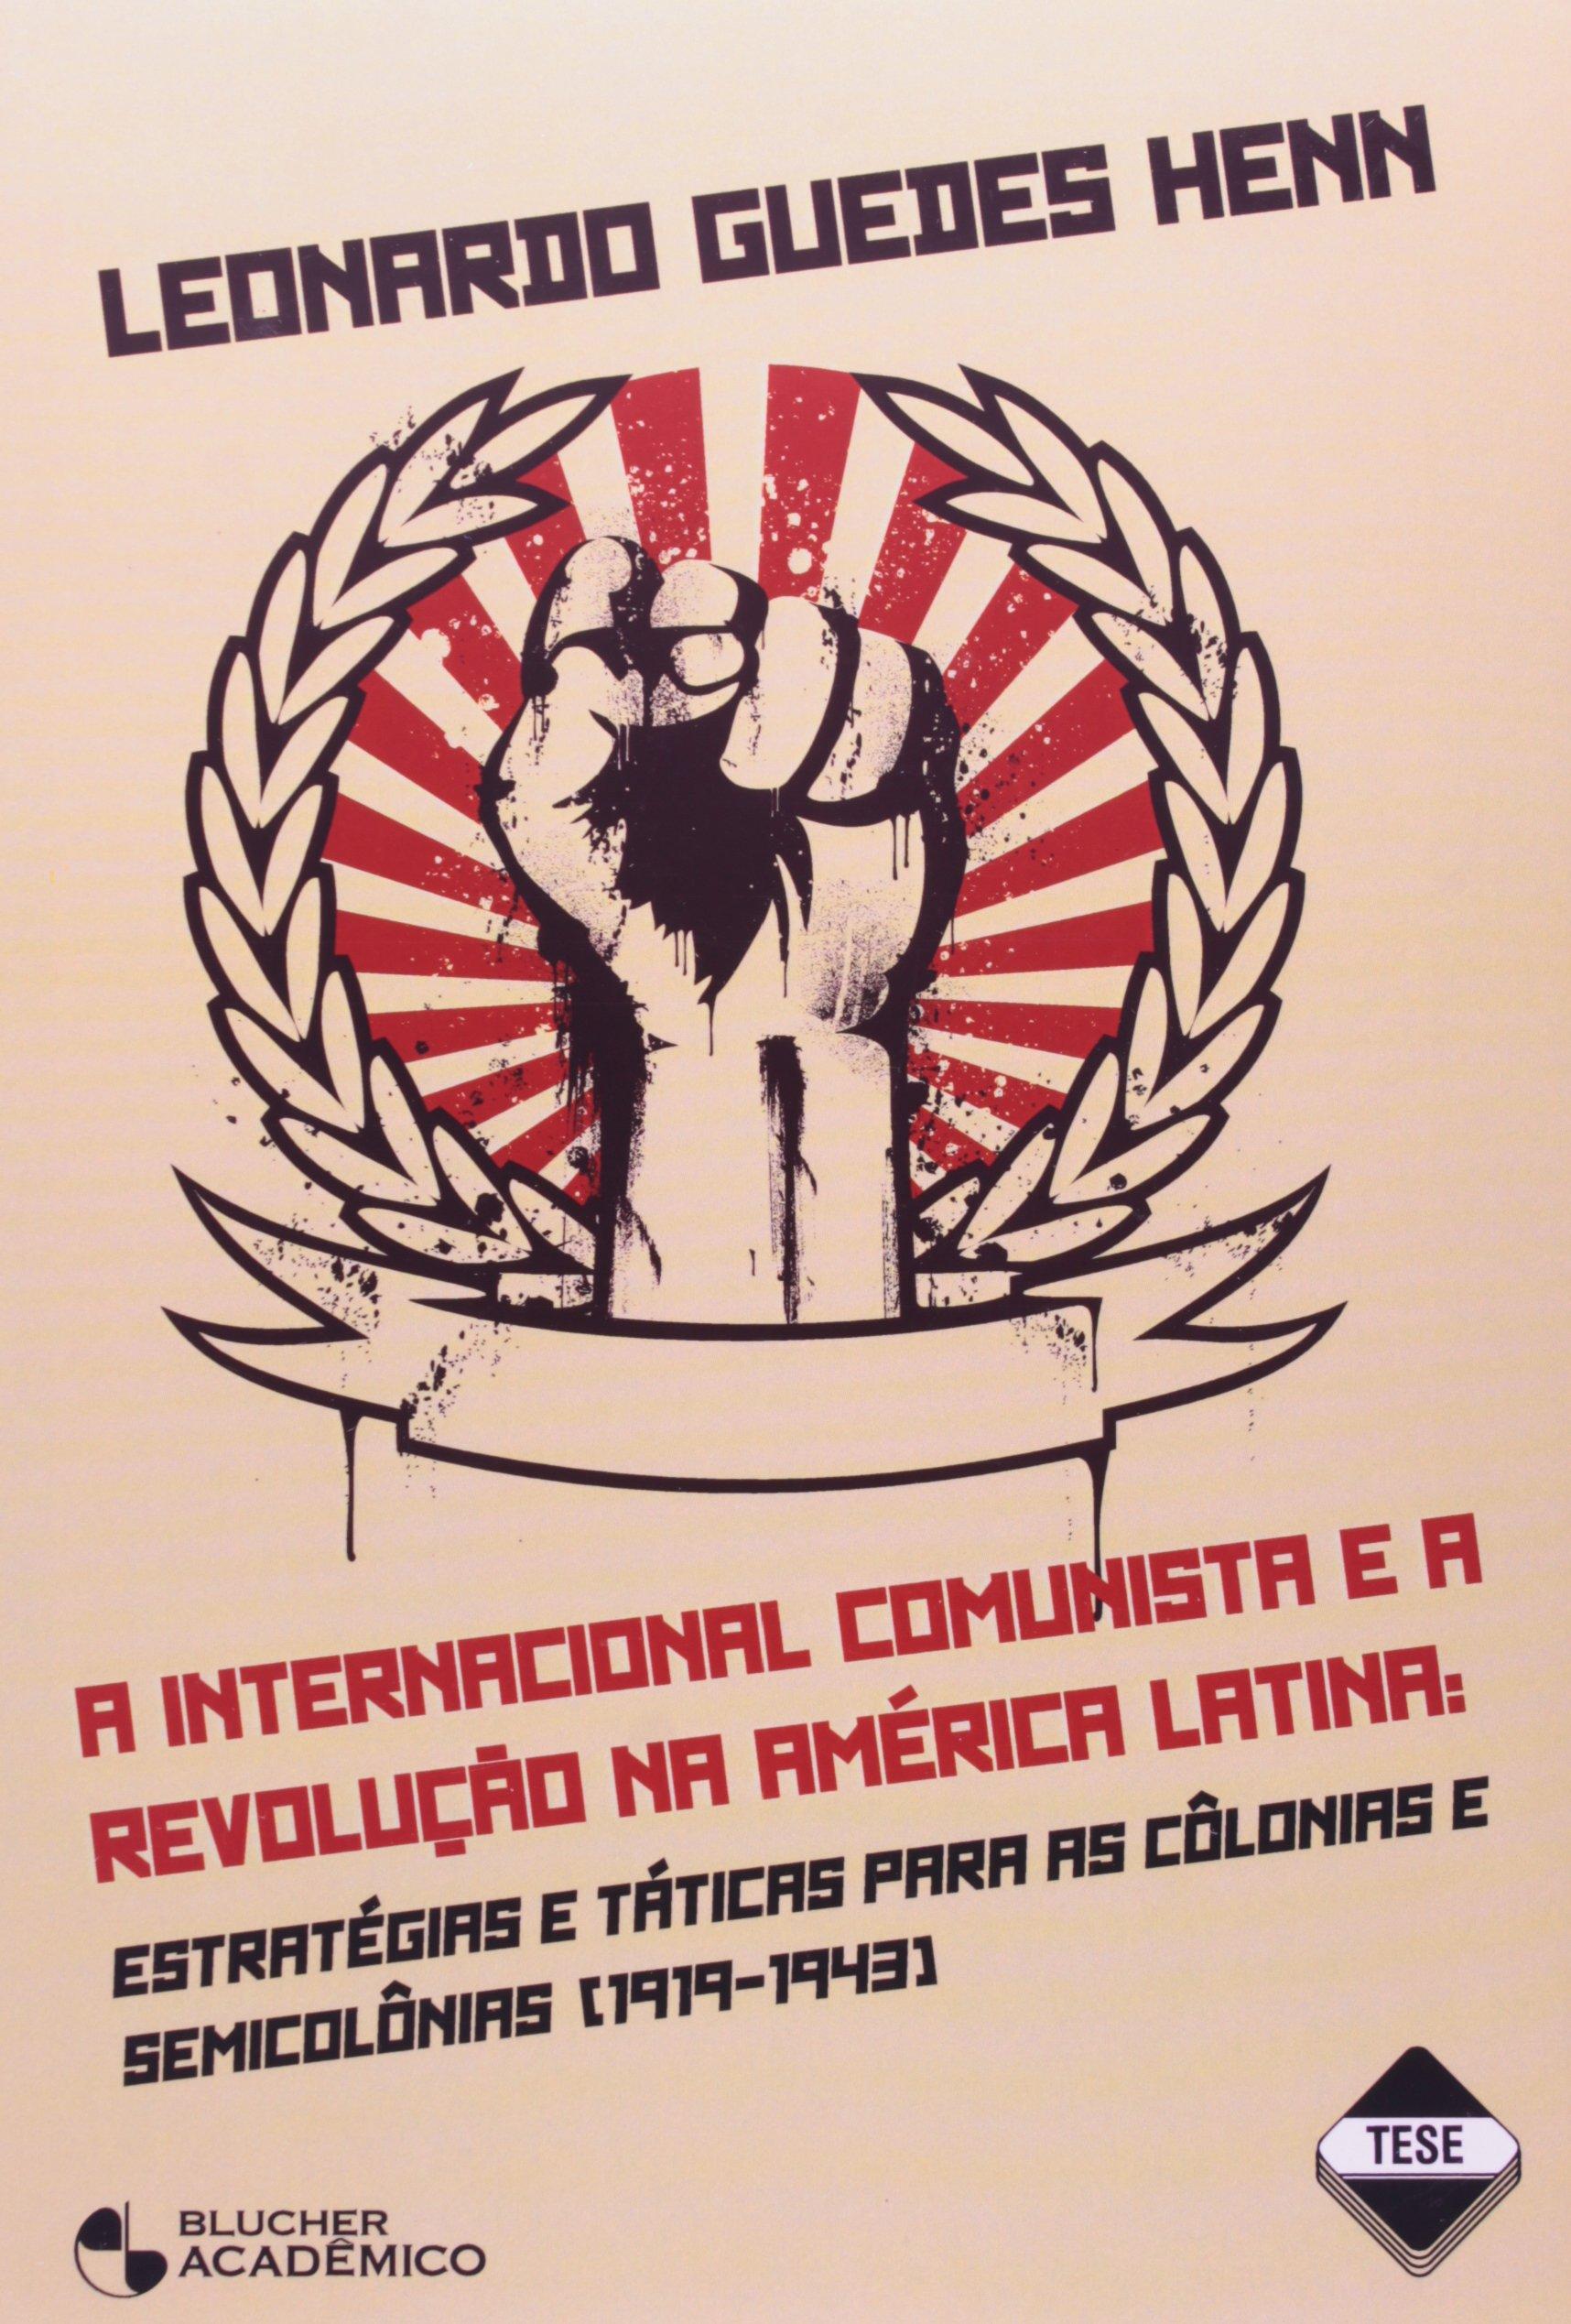 Internacional Comunista E A Revoluçao Na America Latina Estrategias E Taticas Para As Colonias E Semicolonias 1919-1943: Amazon.es: Leonardo Guedes Henn: ...